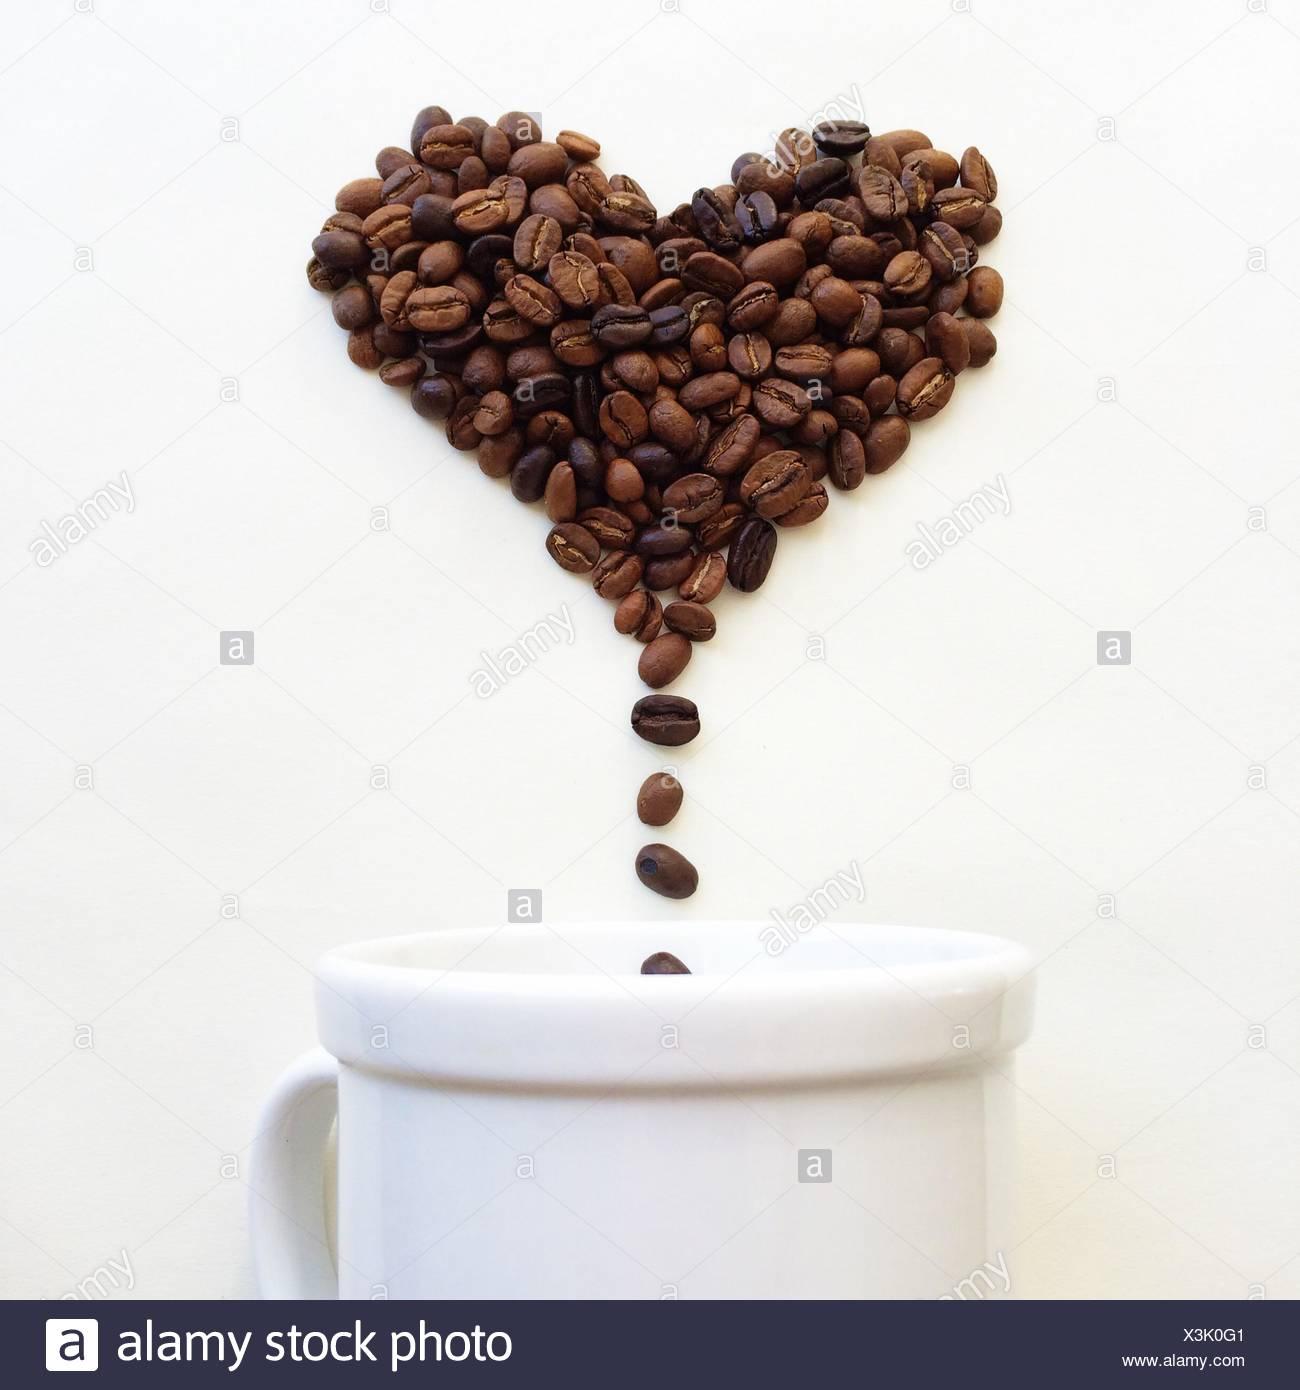 Café en grains en forme de coeur de les faire tomber dans une tasse à café Photo Stock